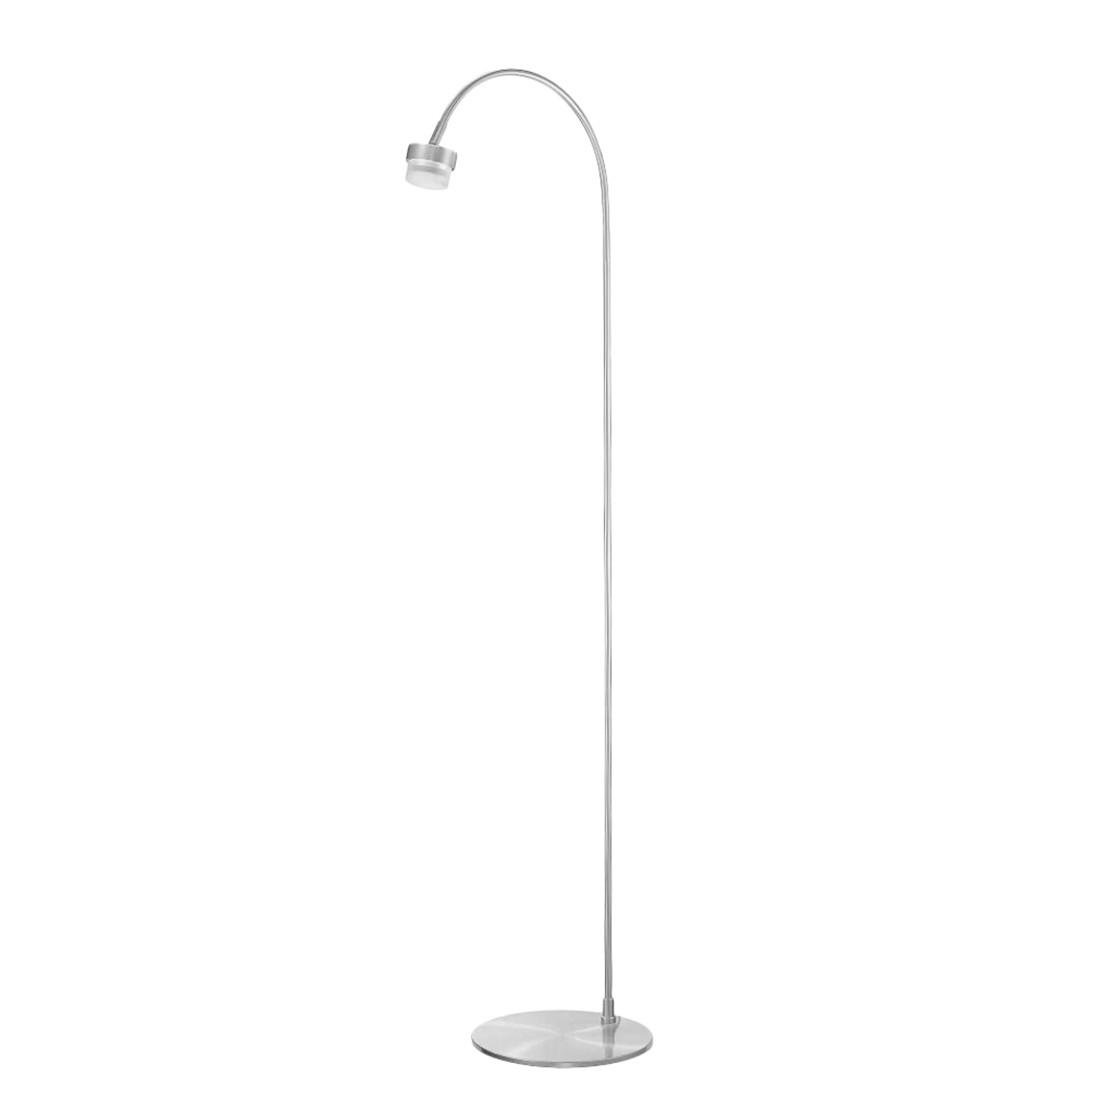 EEK A+, Stehleuchten-Armatur 1-flg. Nickel matt-verchromt - M6 Licht / Medium1-LED, Fischer Leuchten